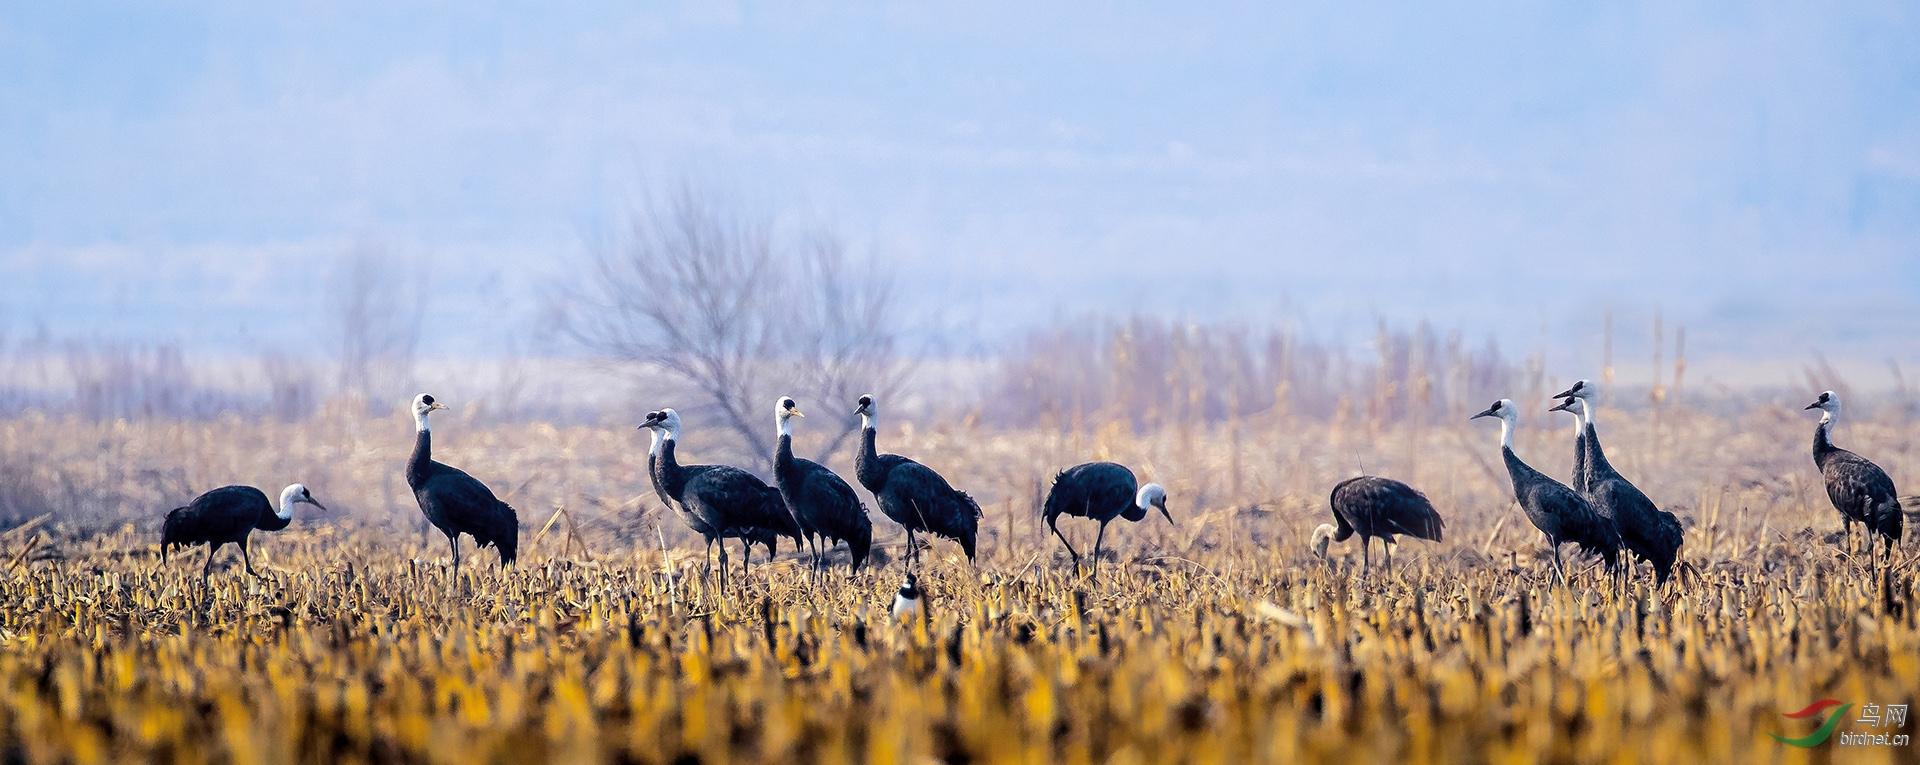 9,离离野色弄微醺•禾黍荒田鹤声闻   ( 白头鹤 国家一级保护) 金广山拍摄于转山湖湿地